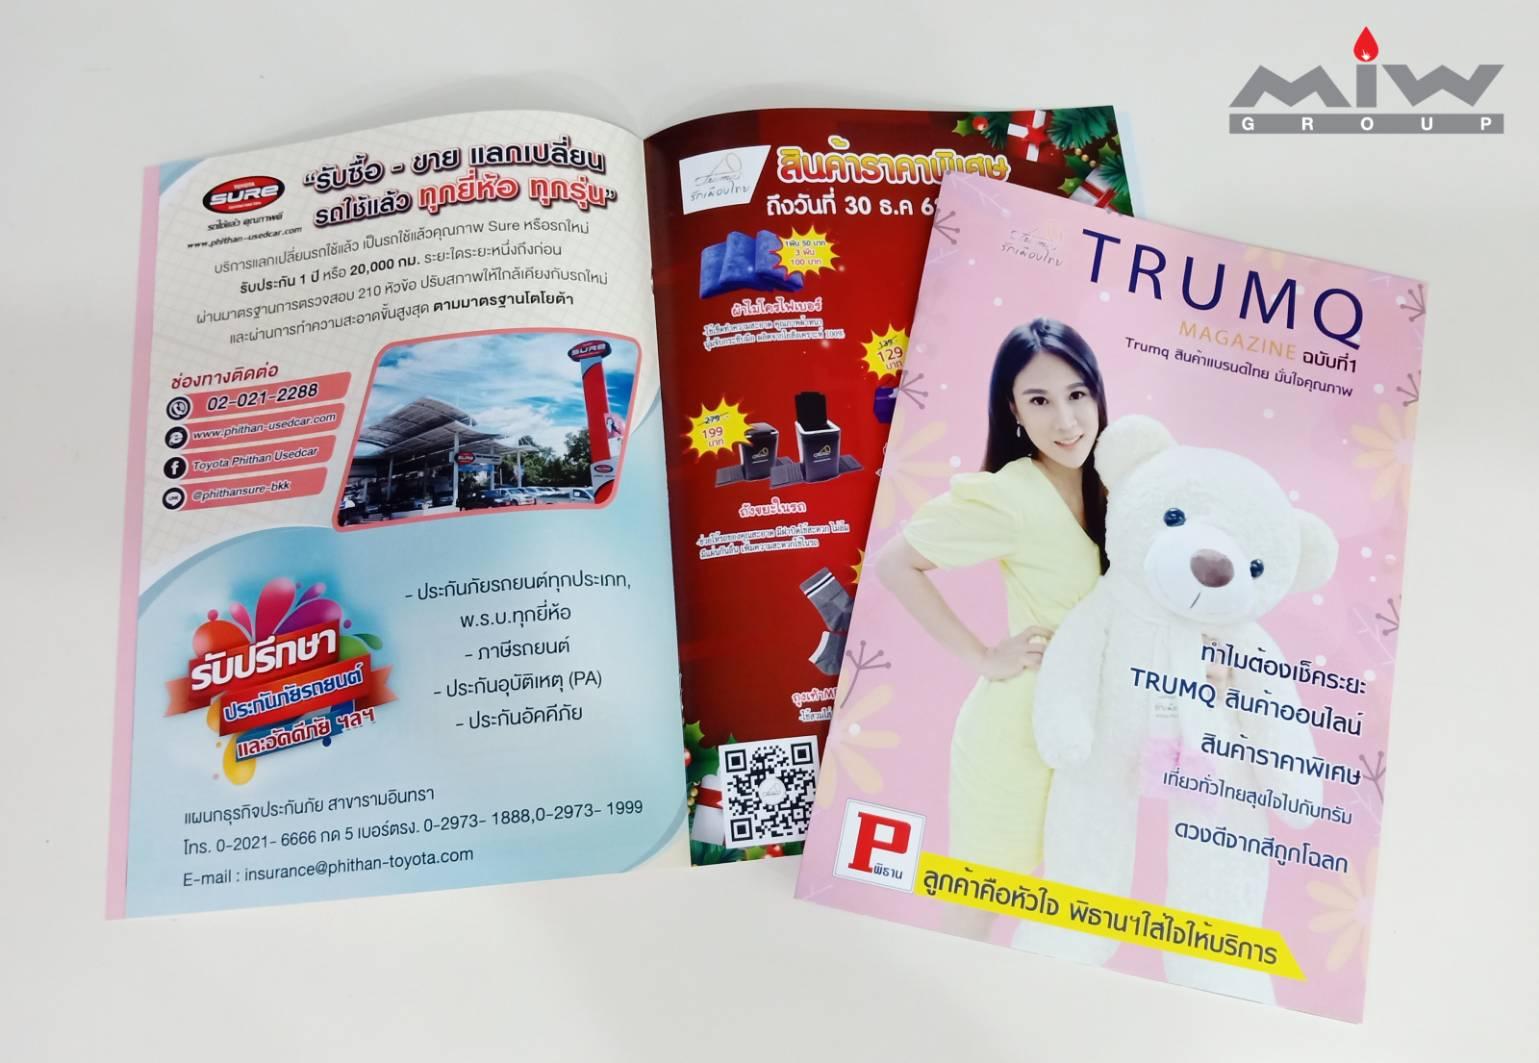 06.12 - งานนิตยสาร TRUMQ